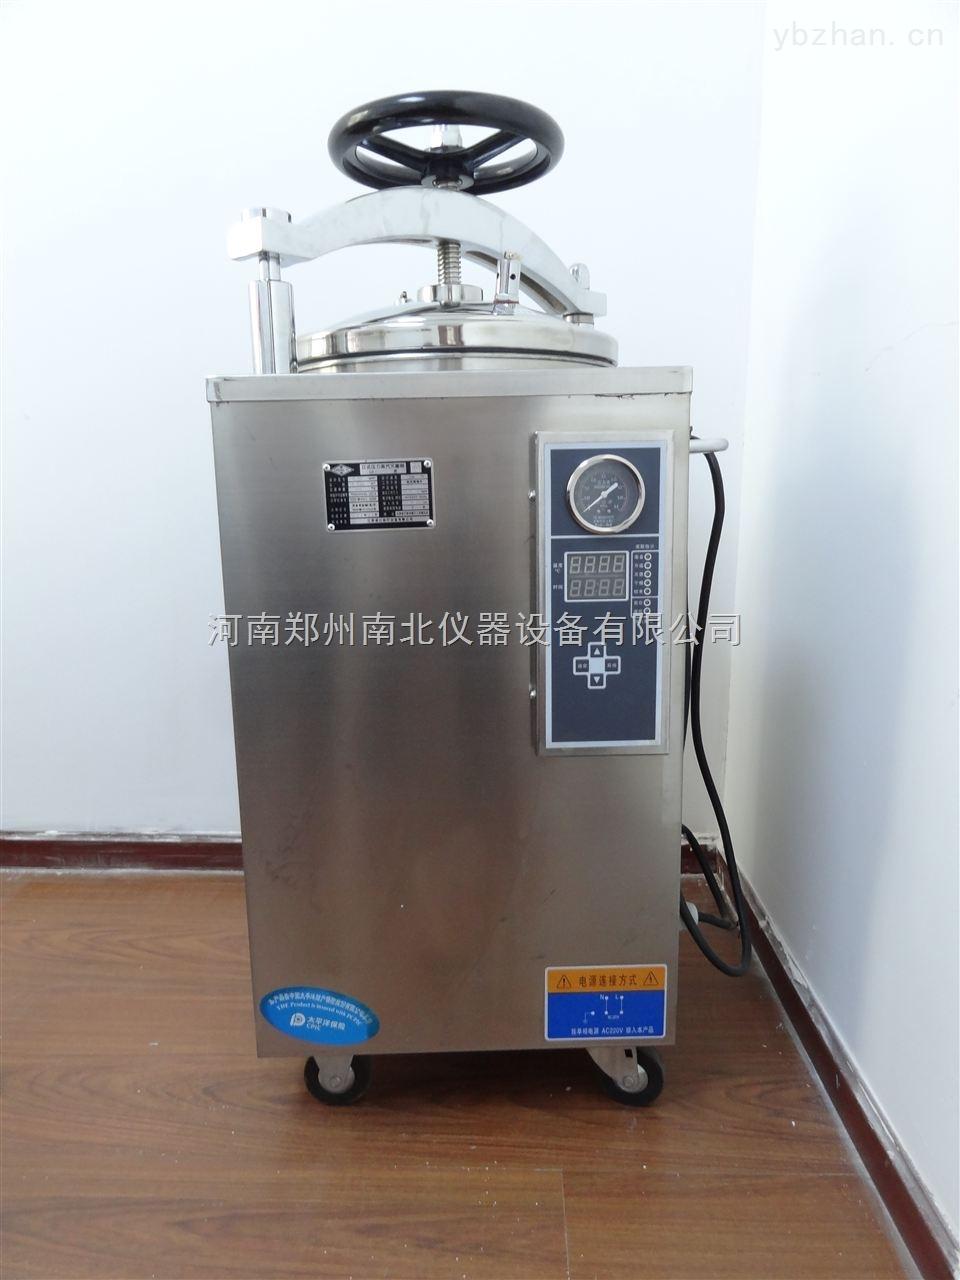 臥式壓力蒸汽滅菌器價格